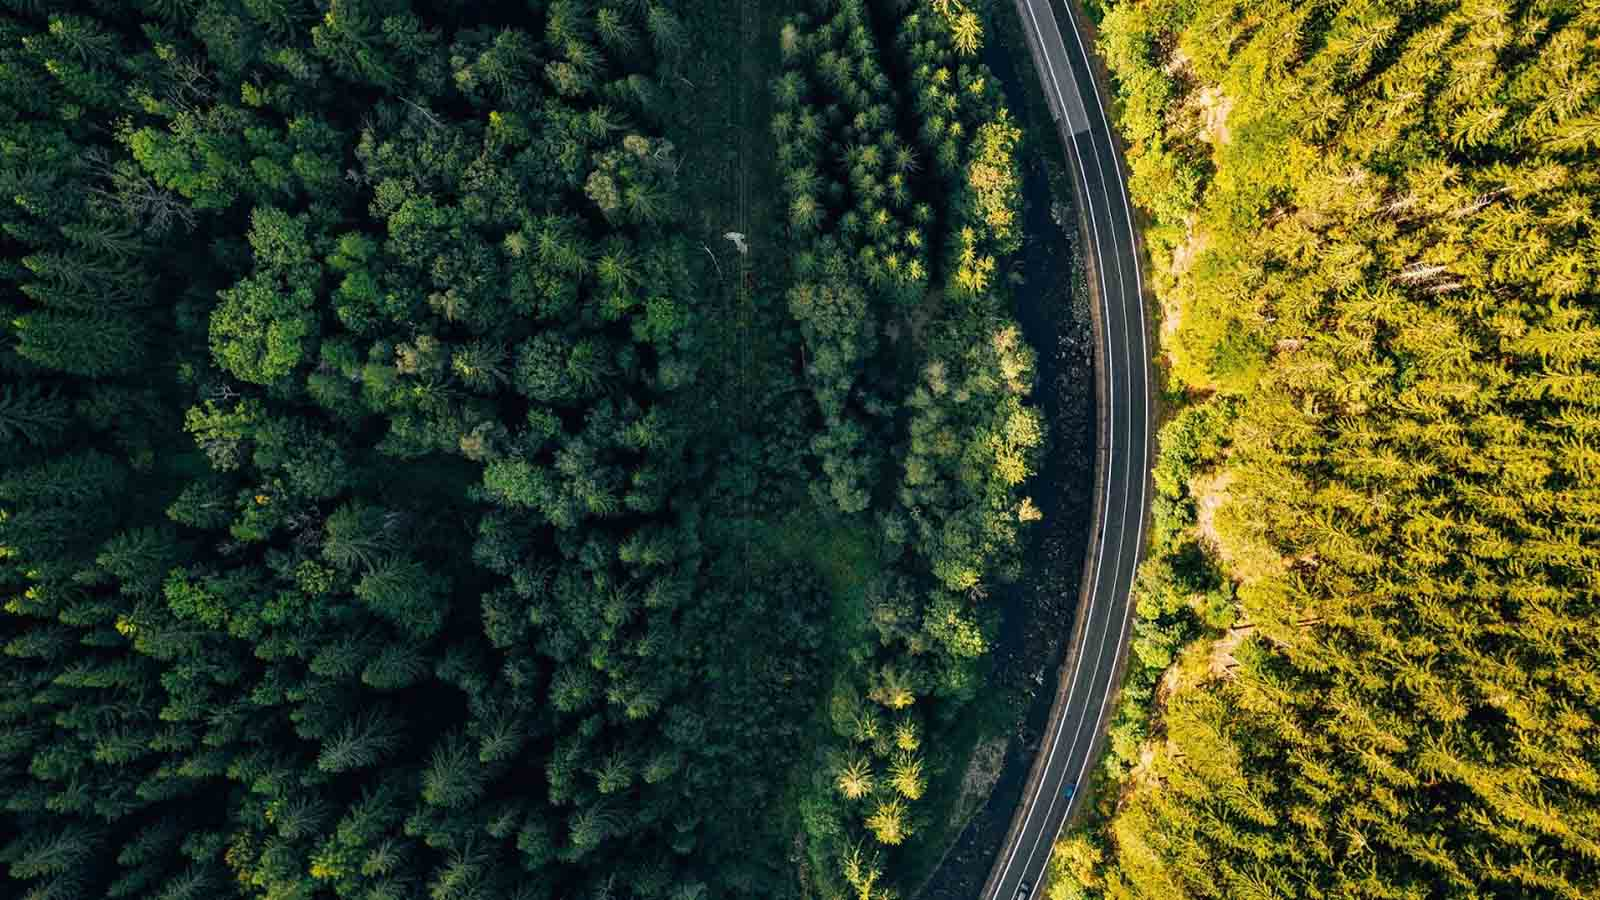 Los proyectos de ingeniería y su impacto en el medio ambiente